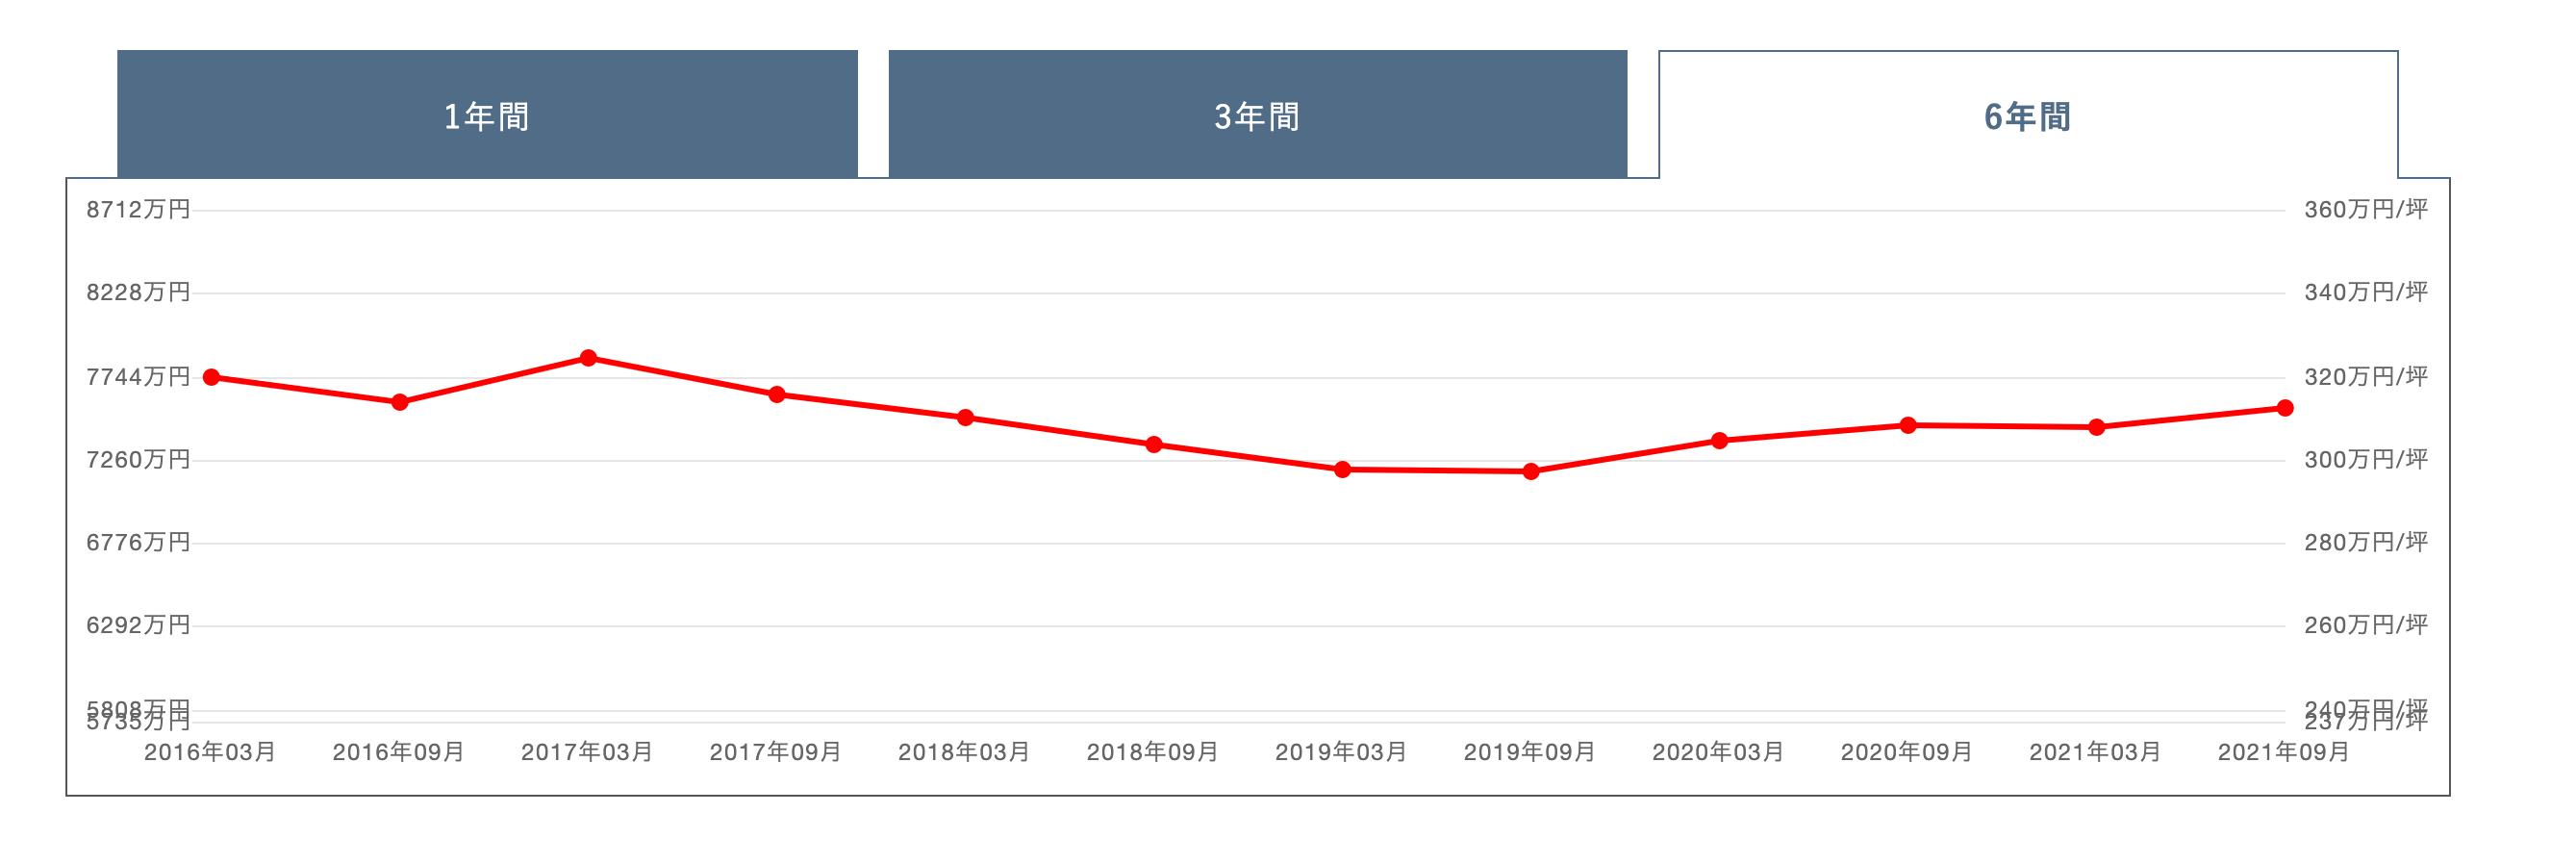 リエトコートイーストタワーの価格変動グラフ